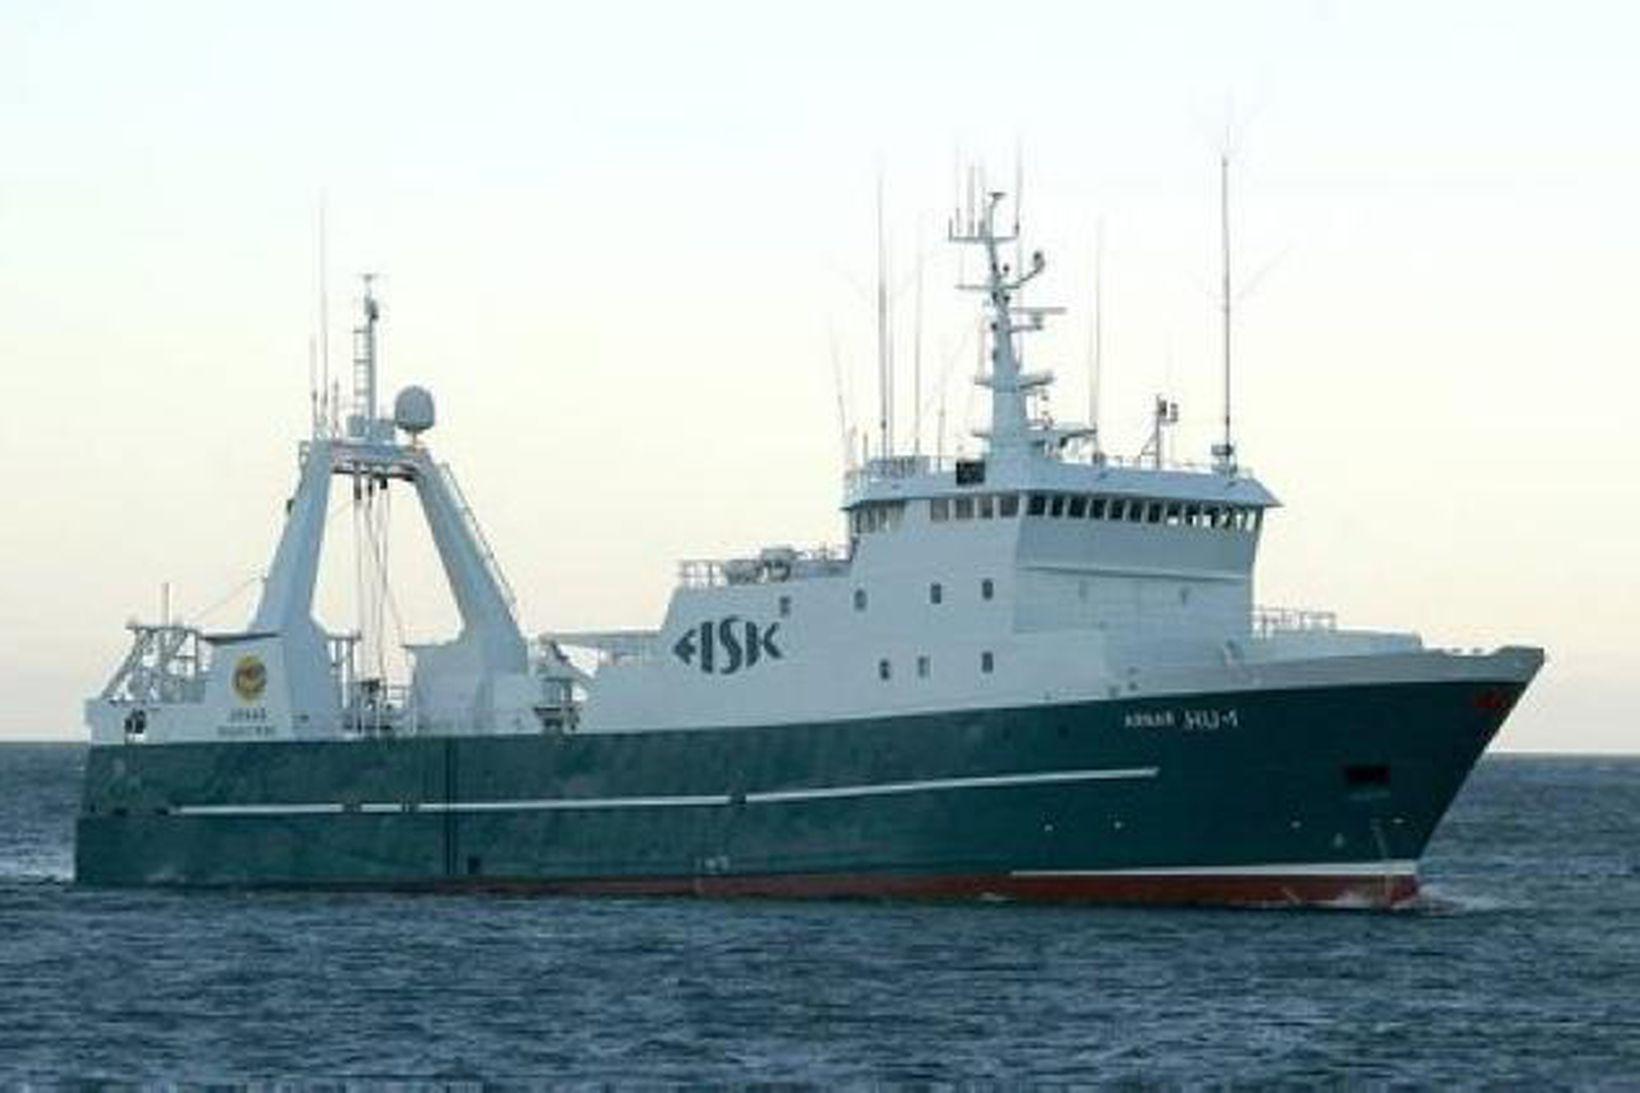 Arnar HU-1.